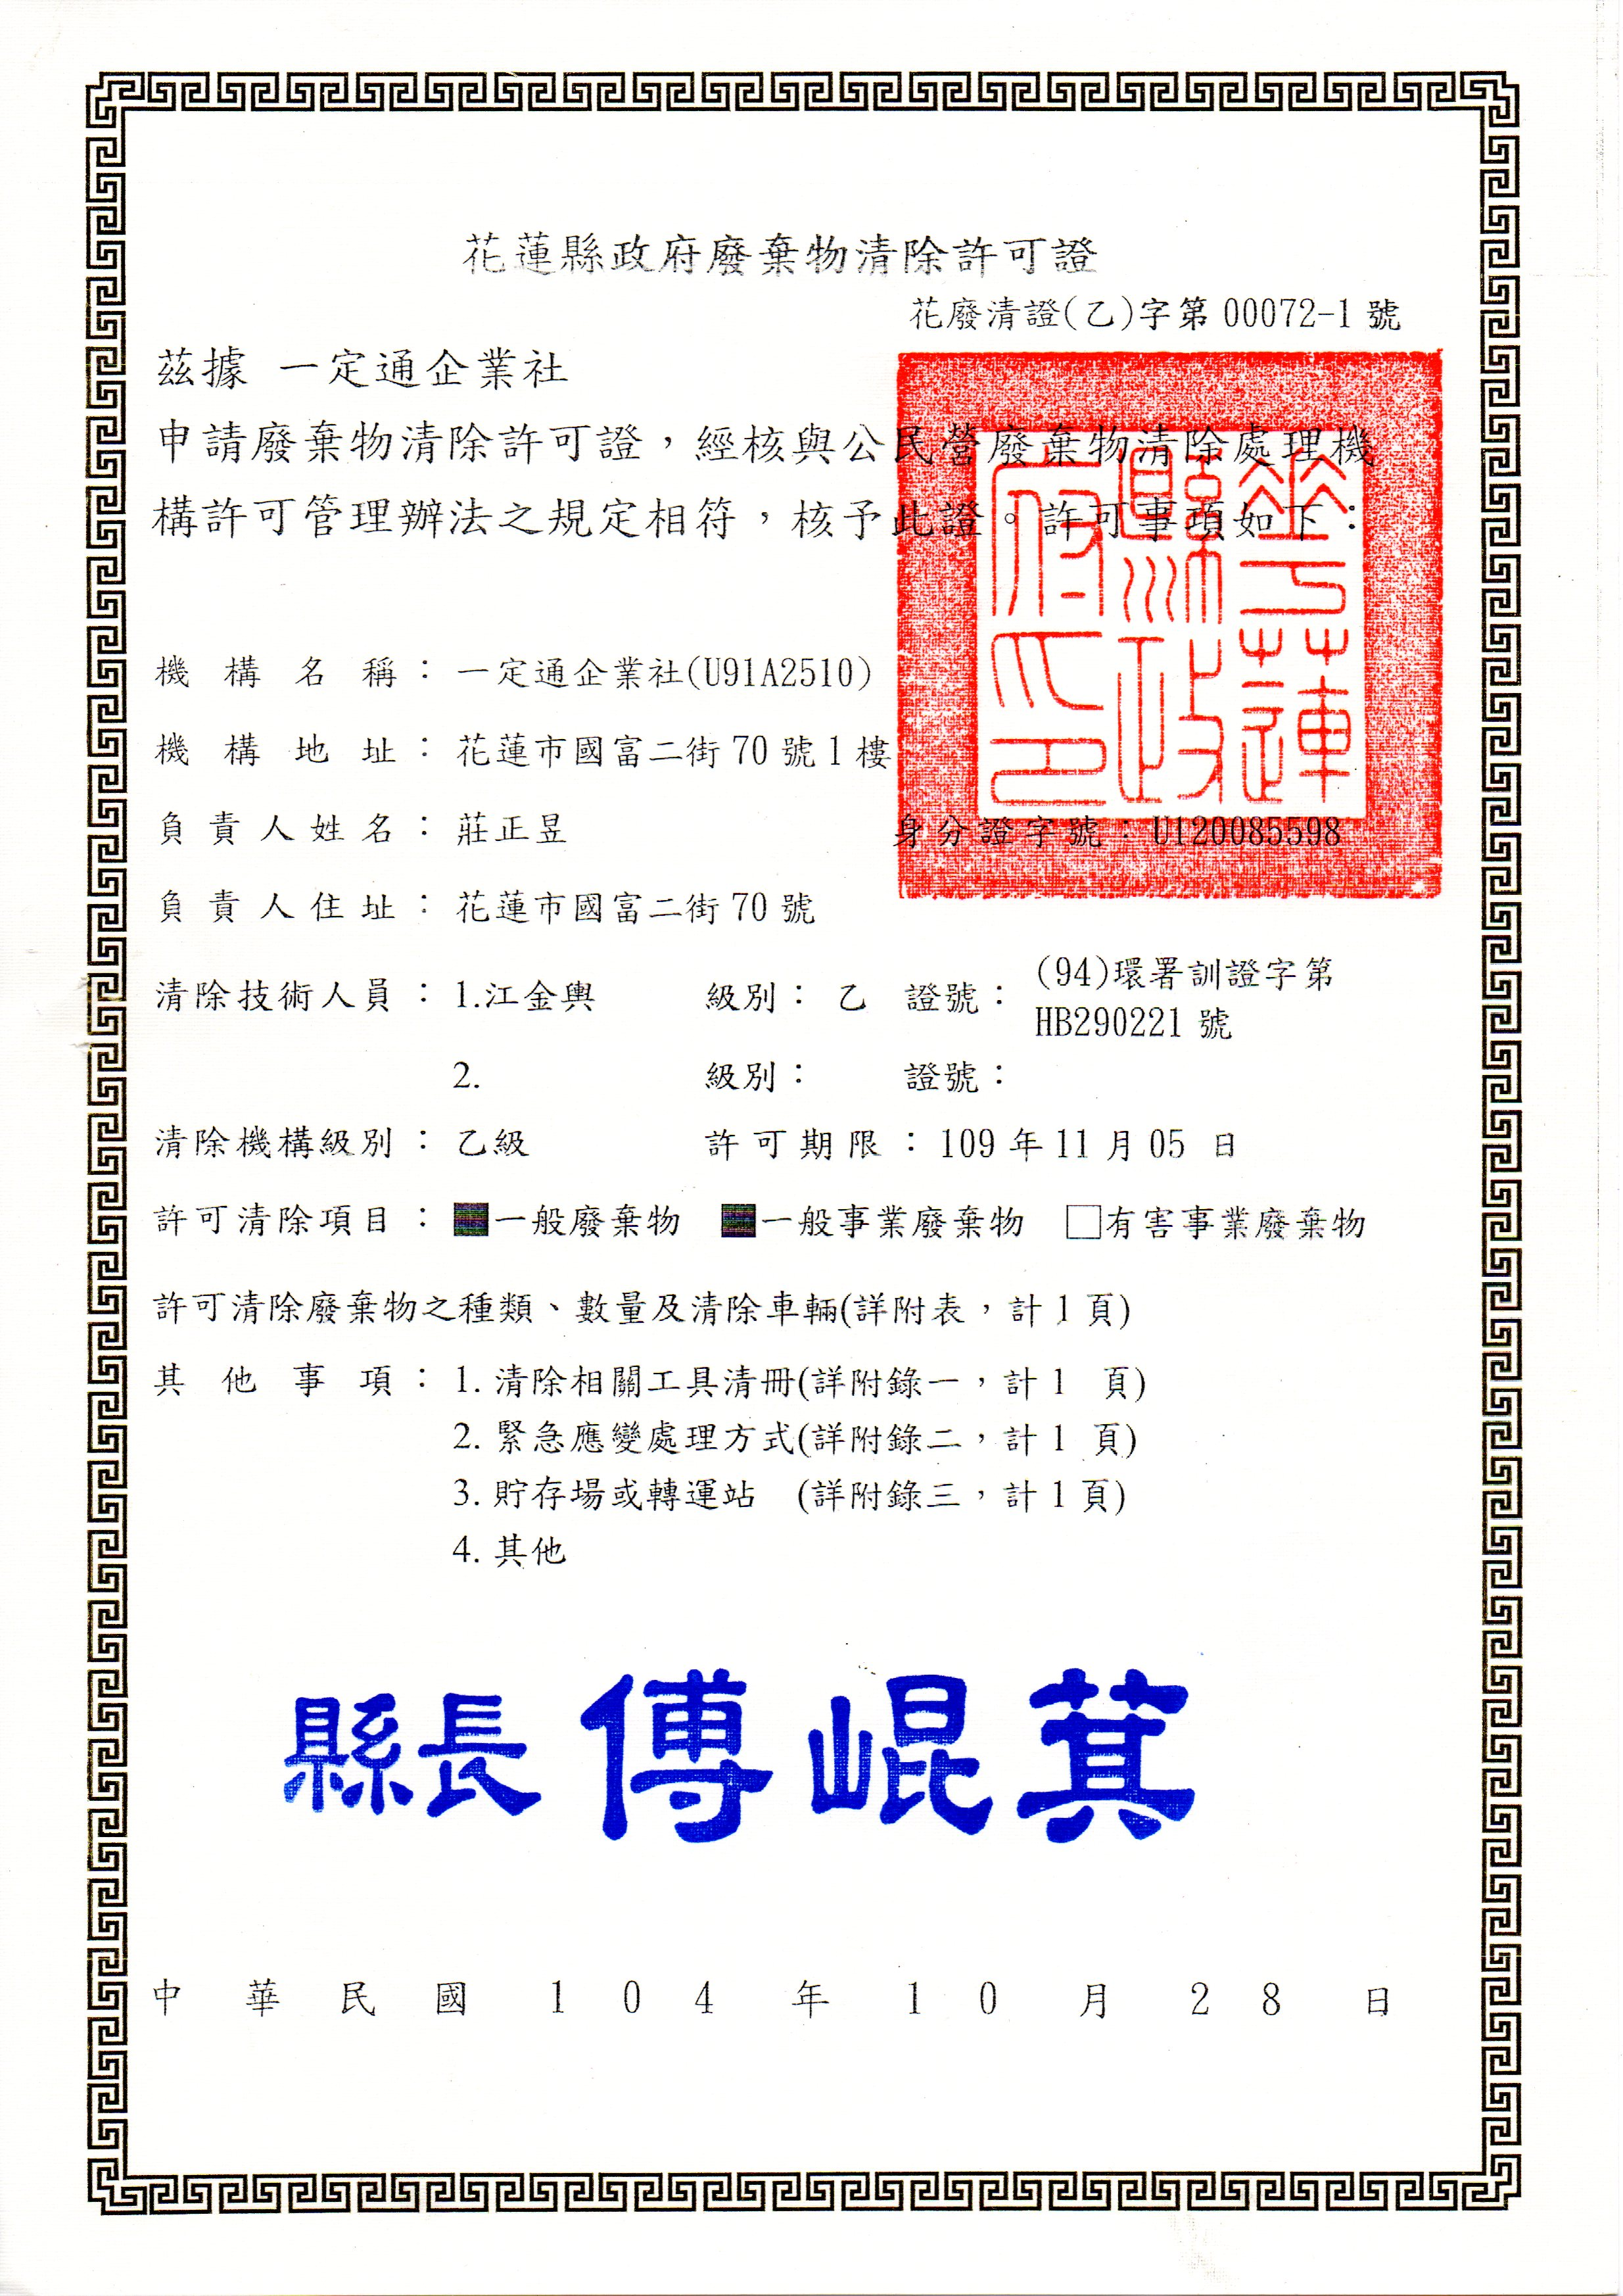 廢棄物許可證-最新至109.11.05.jpg